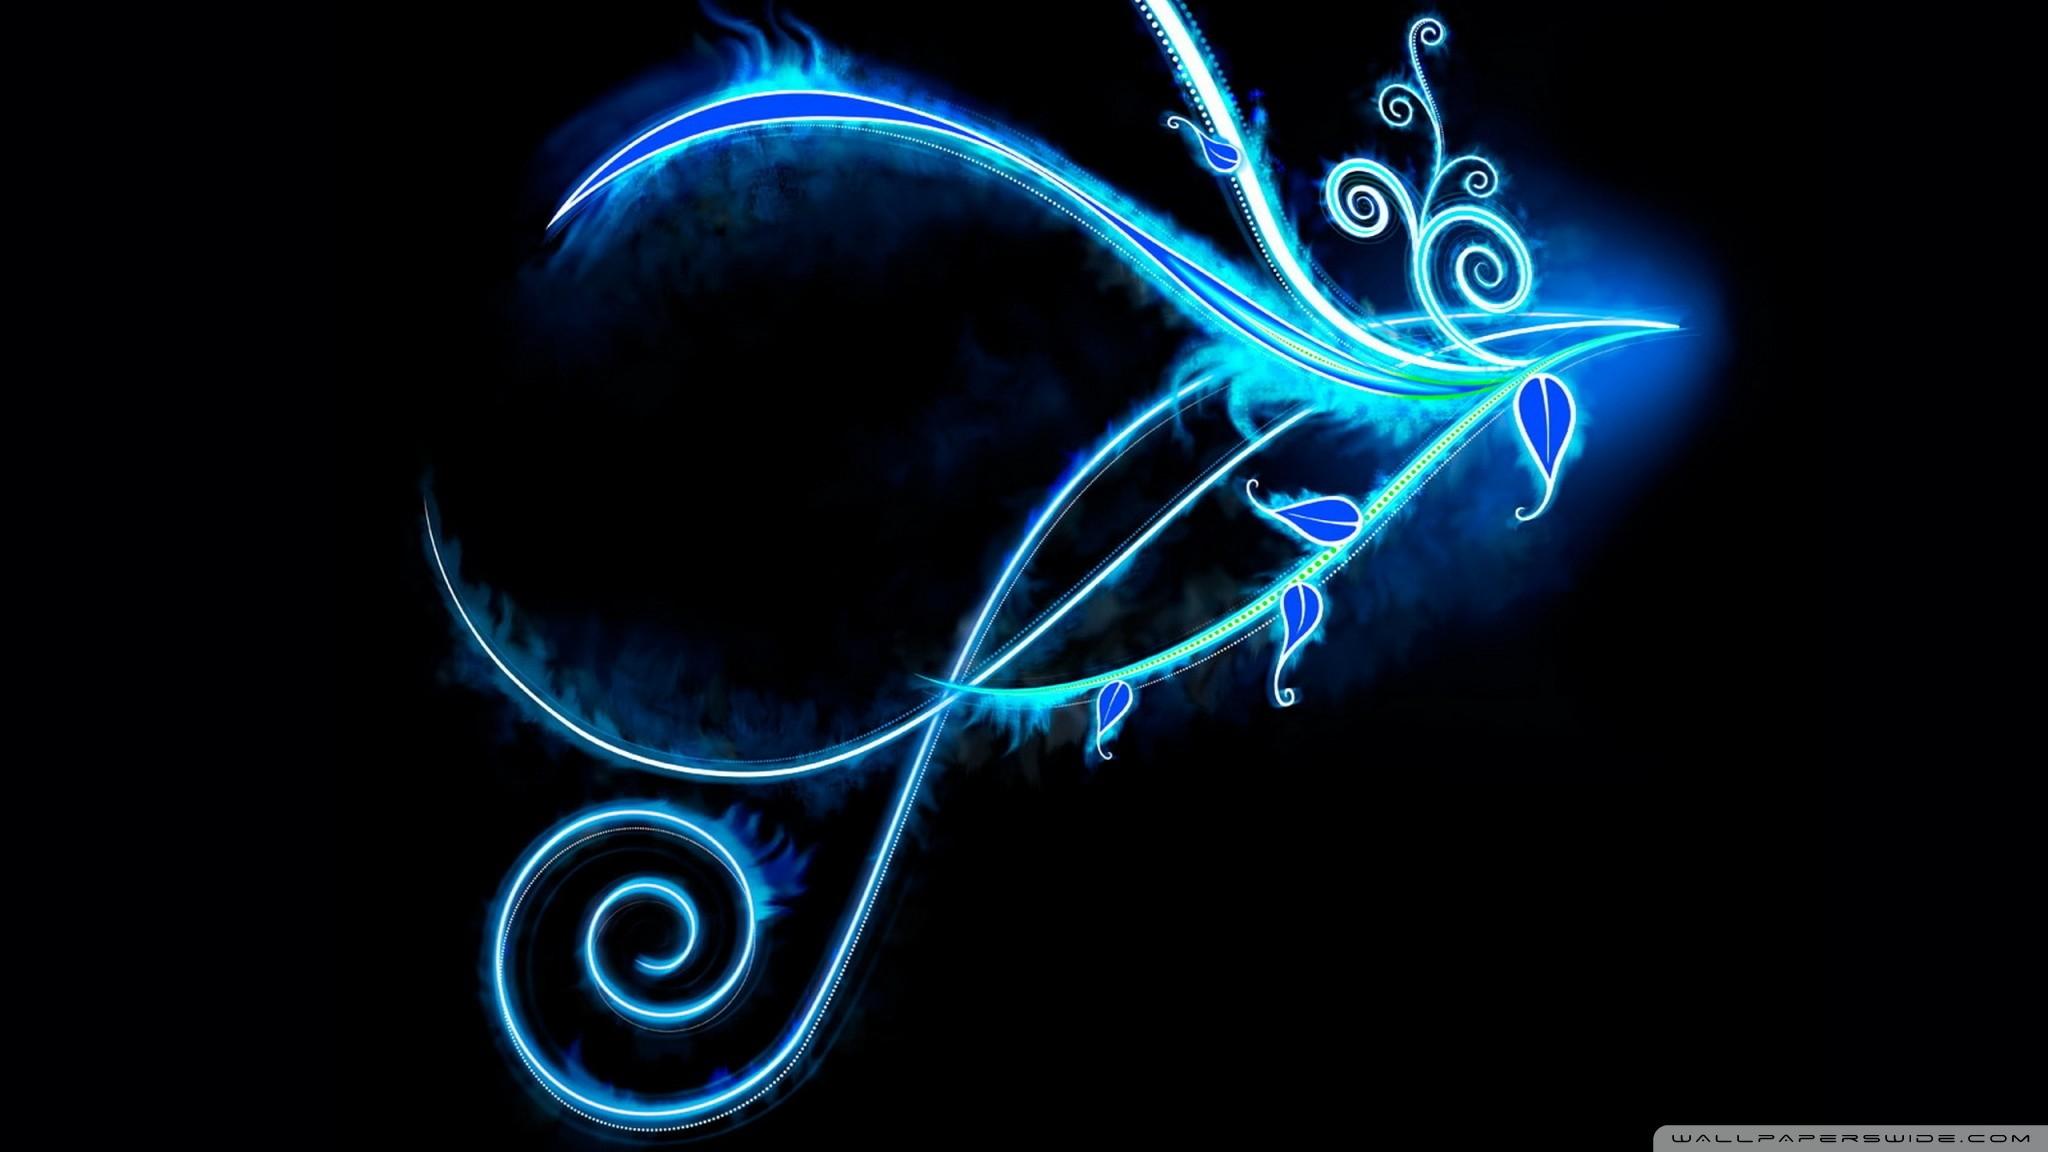 Res: 2048x1152, Blue Neon Light Swirls HD desktop wallpaper : Widescreen : High